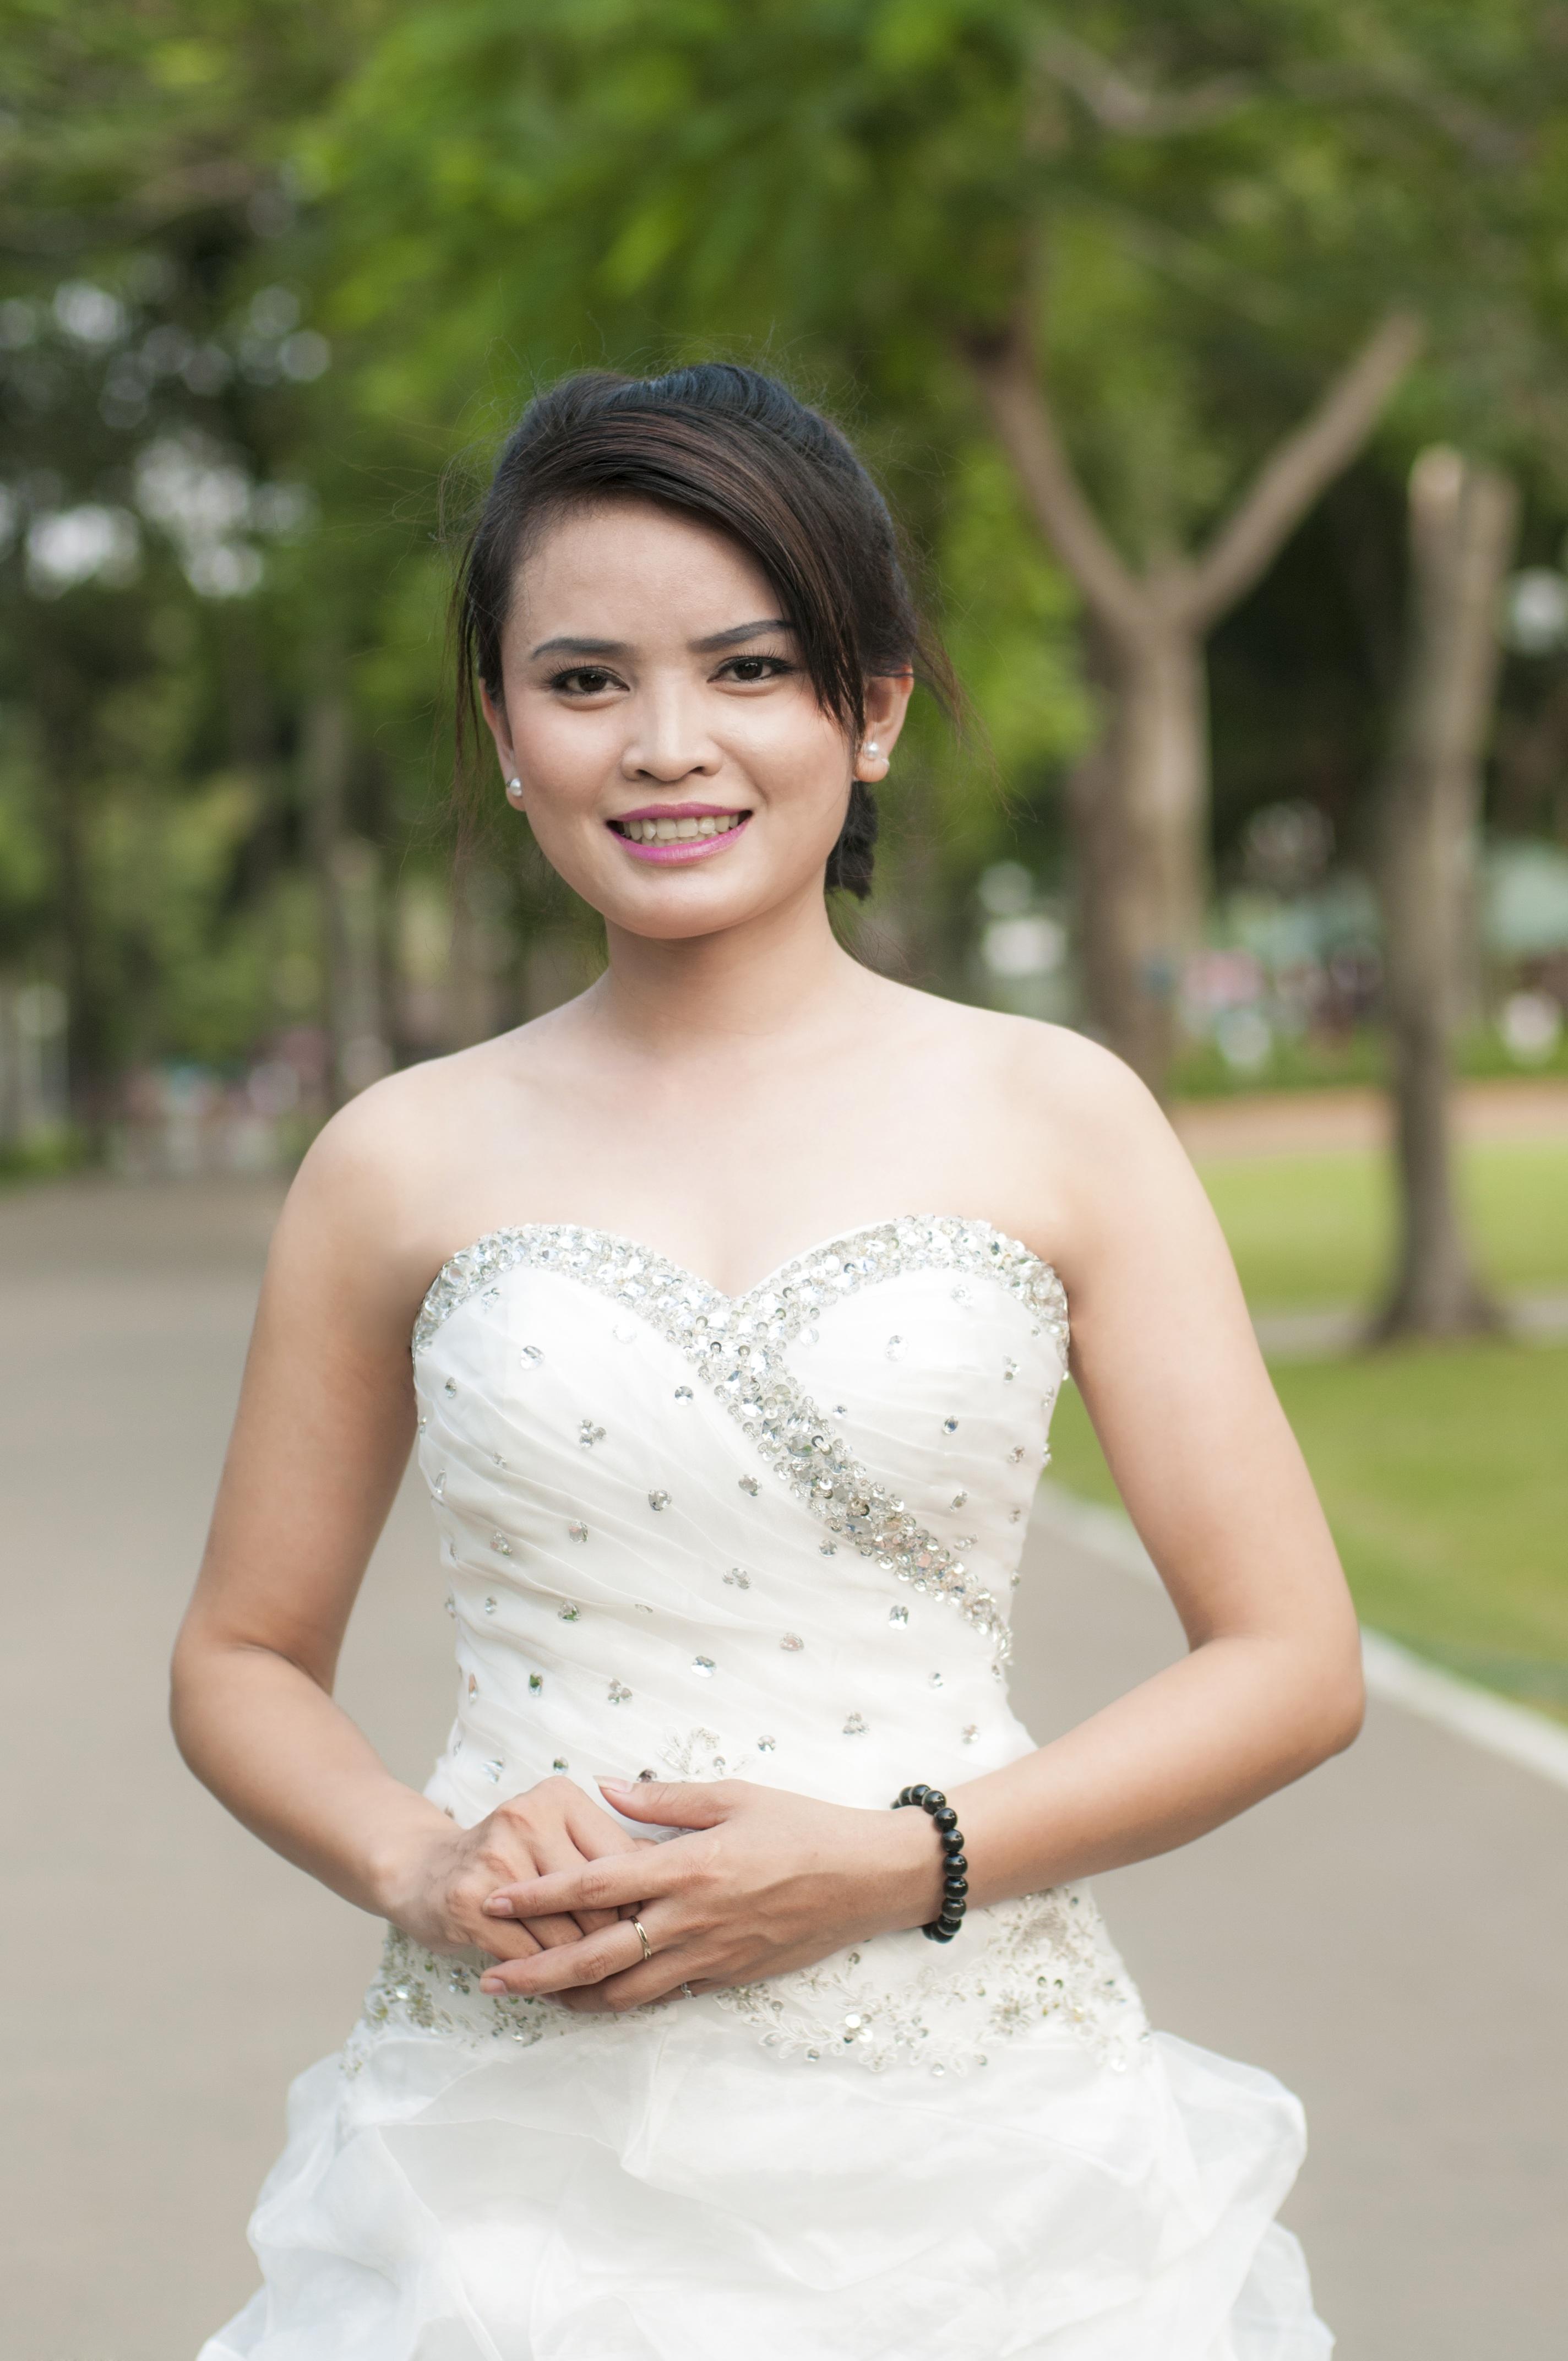 gadis wanita putih bunga model muda pakaian pernikahan gaun pengantin pengantin kemeja tertawa baju putih cerah